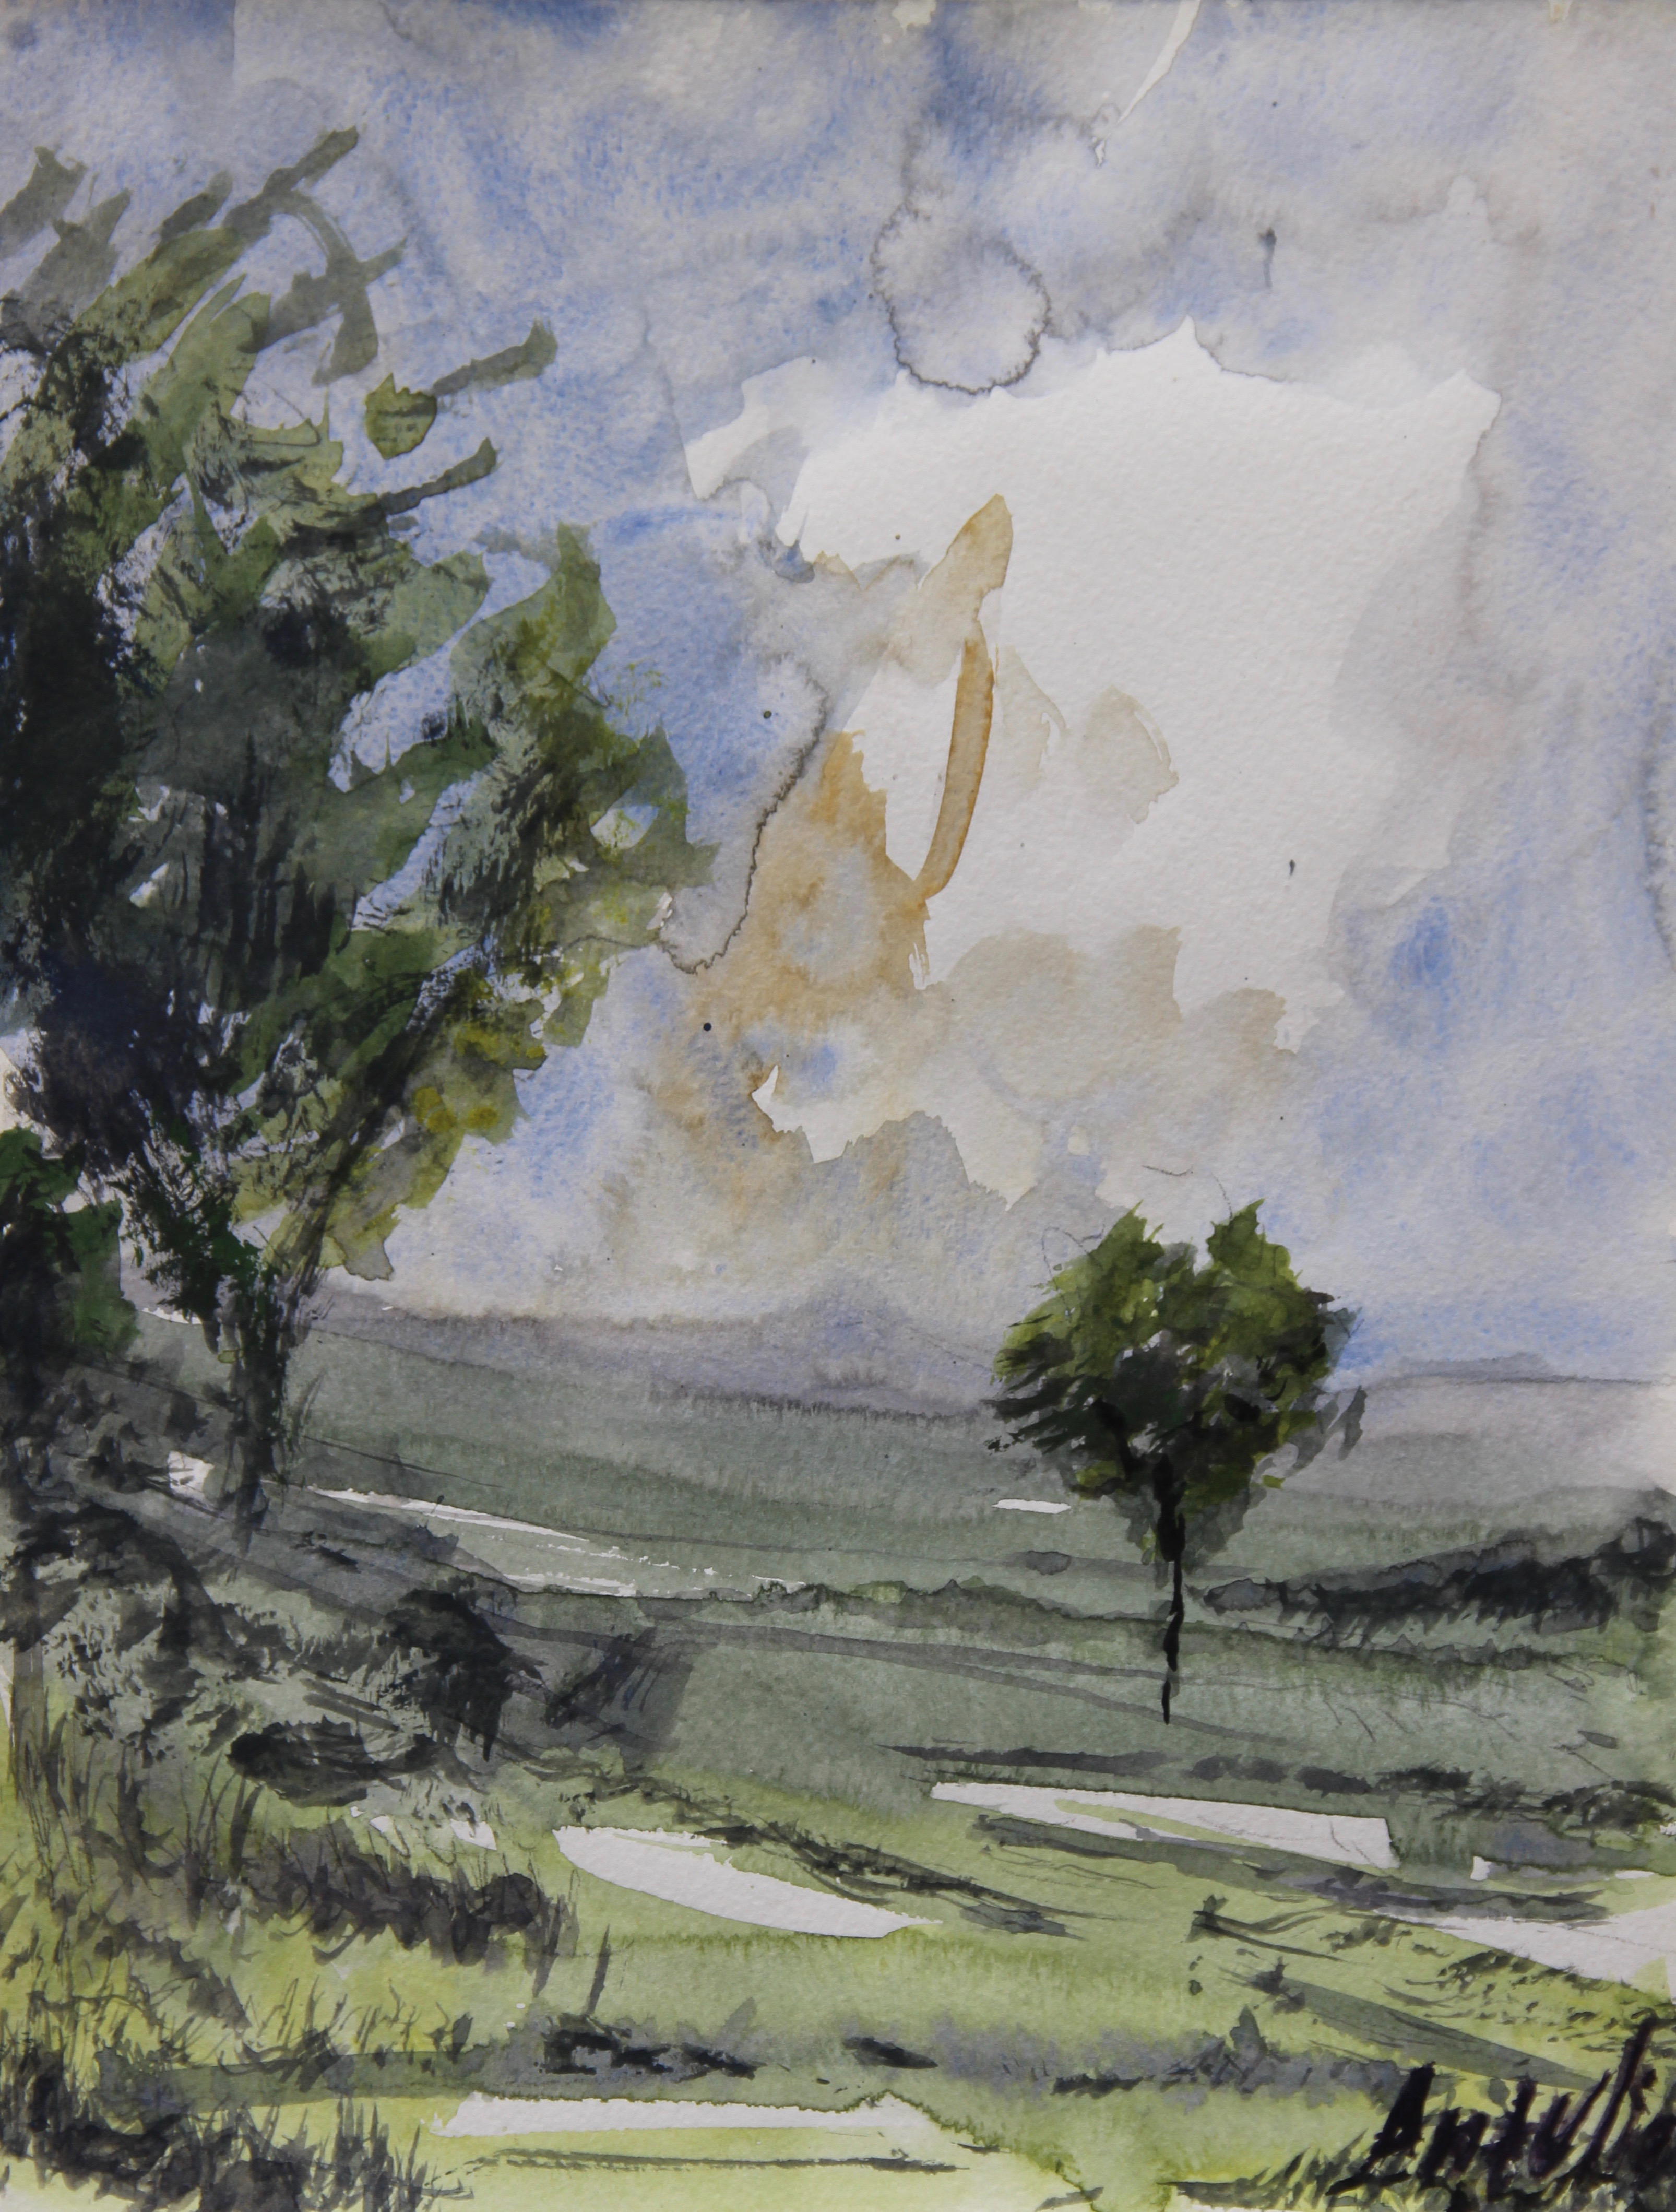 Imaginary landscape I